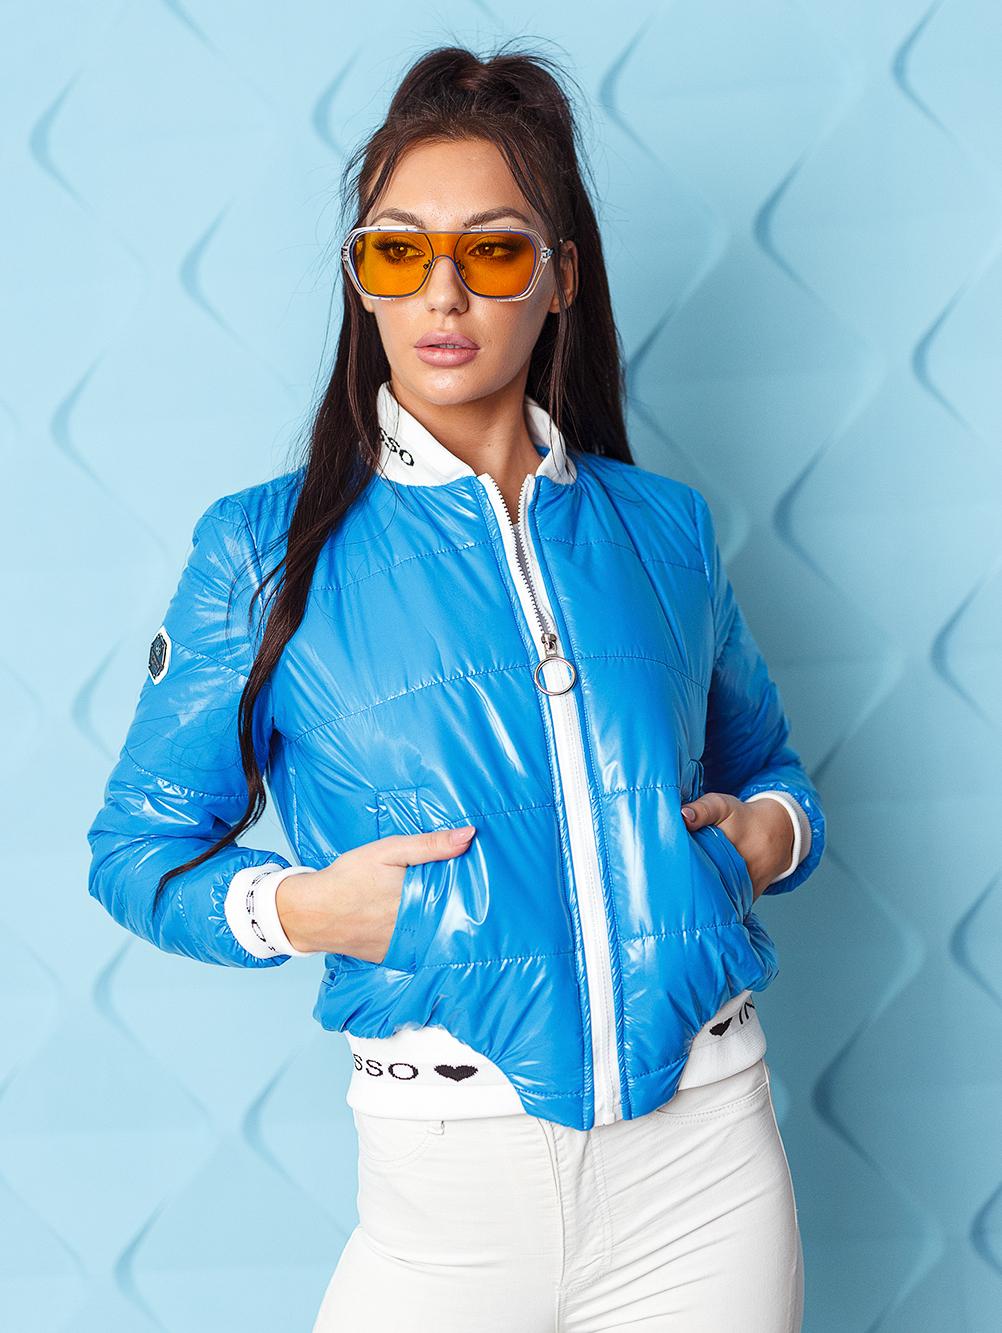 kurtka bomberka damska pikowana ze sciagaczem ingrosso niebieska (3)